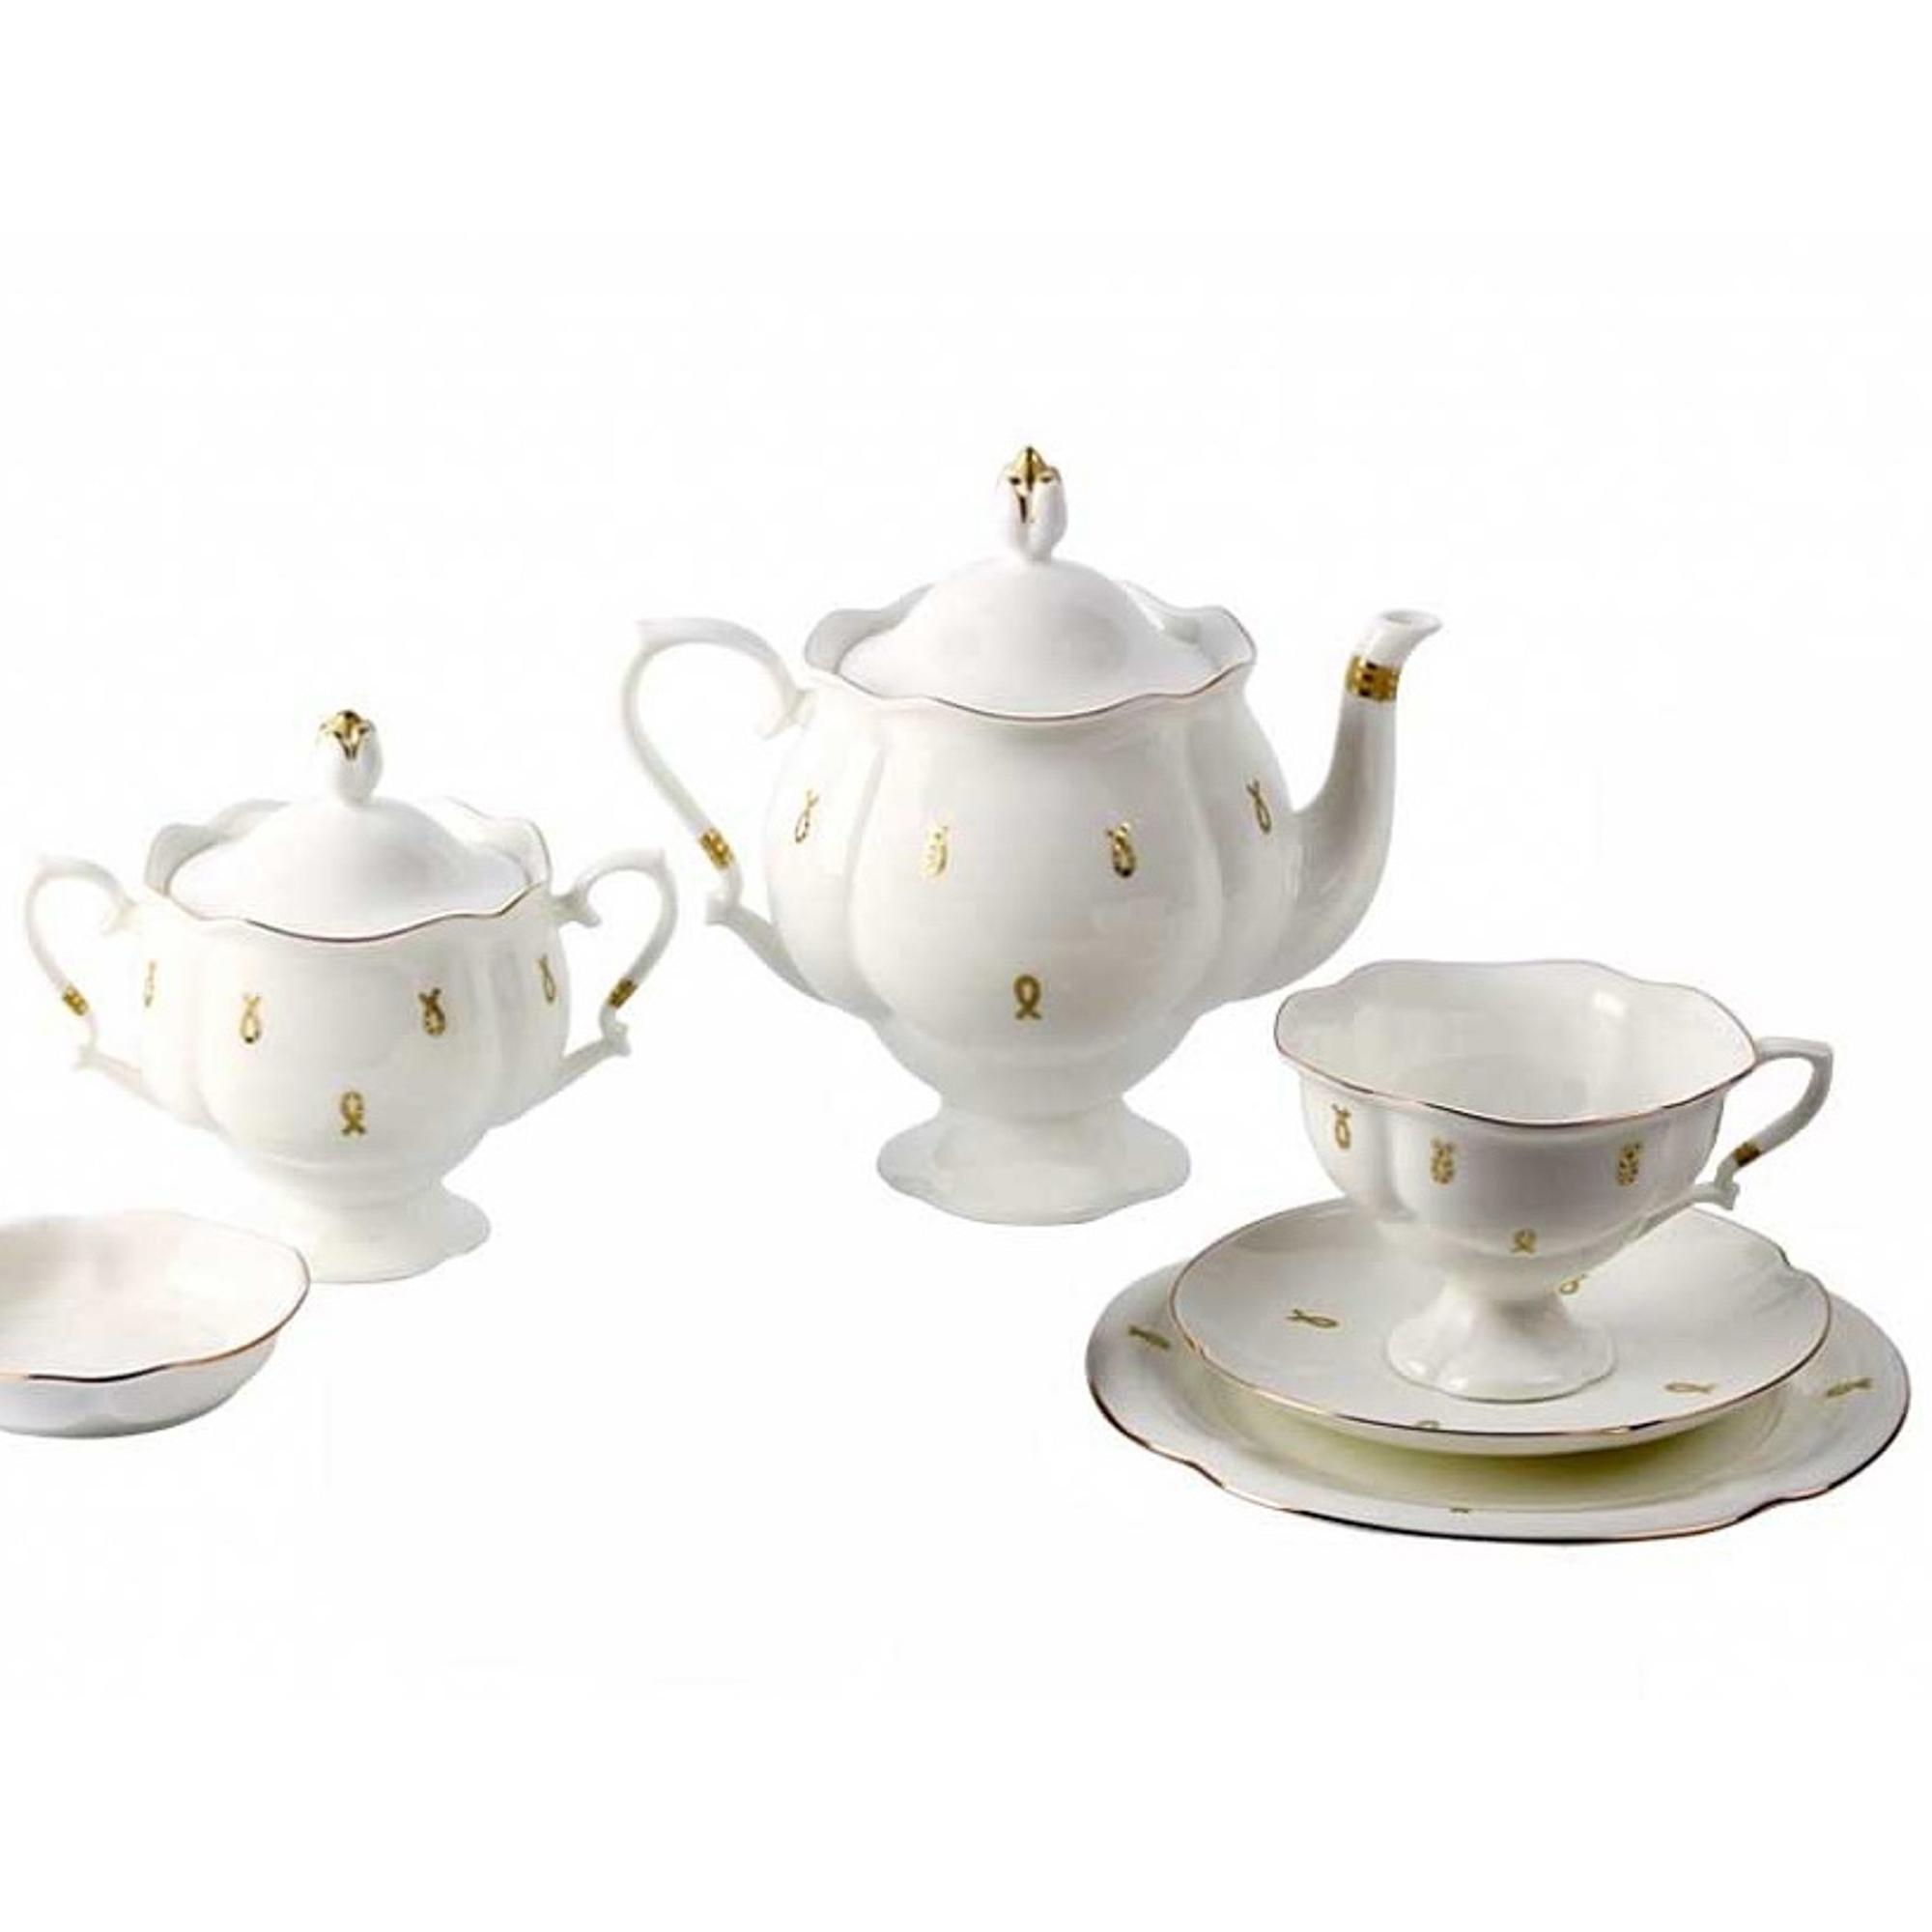 Сервиз чайный ЛФЗ, форма Наташа - петельки, 6 персон, 20 предметов фото